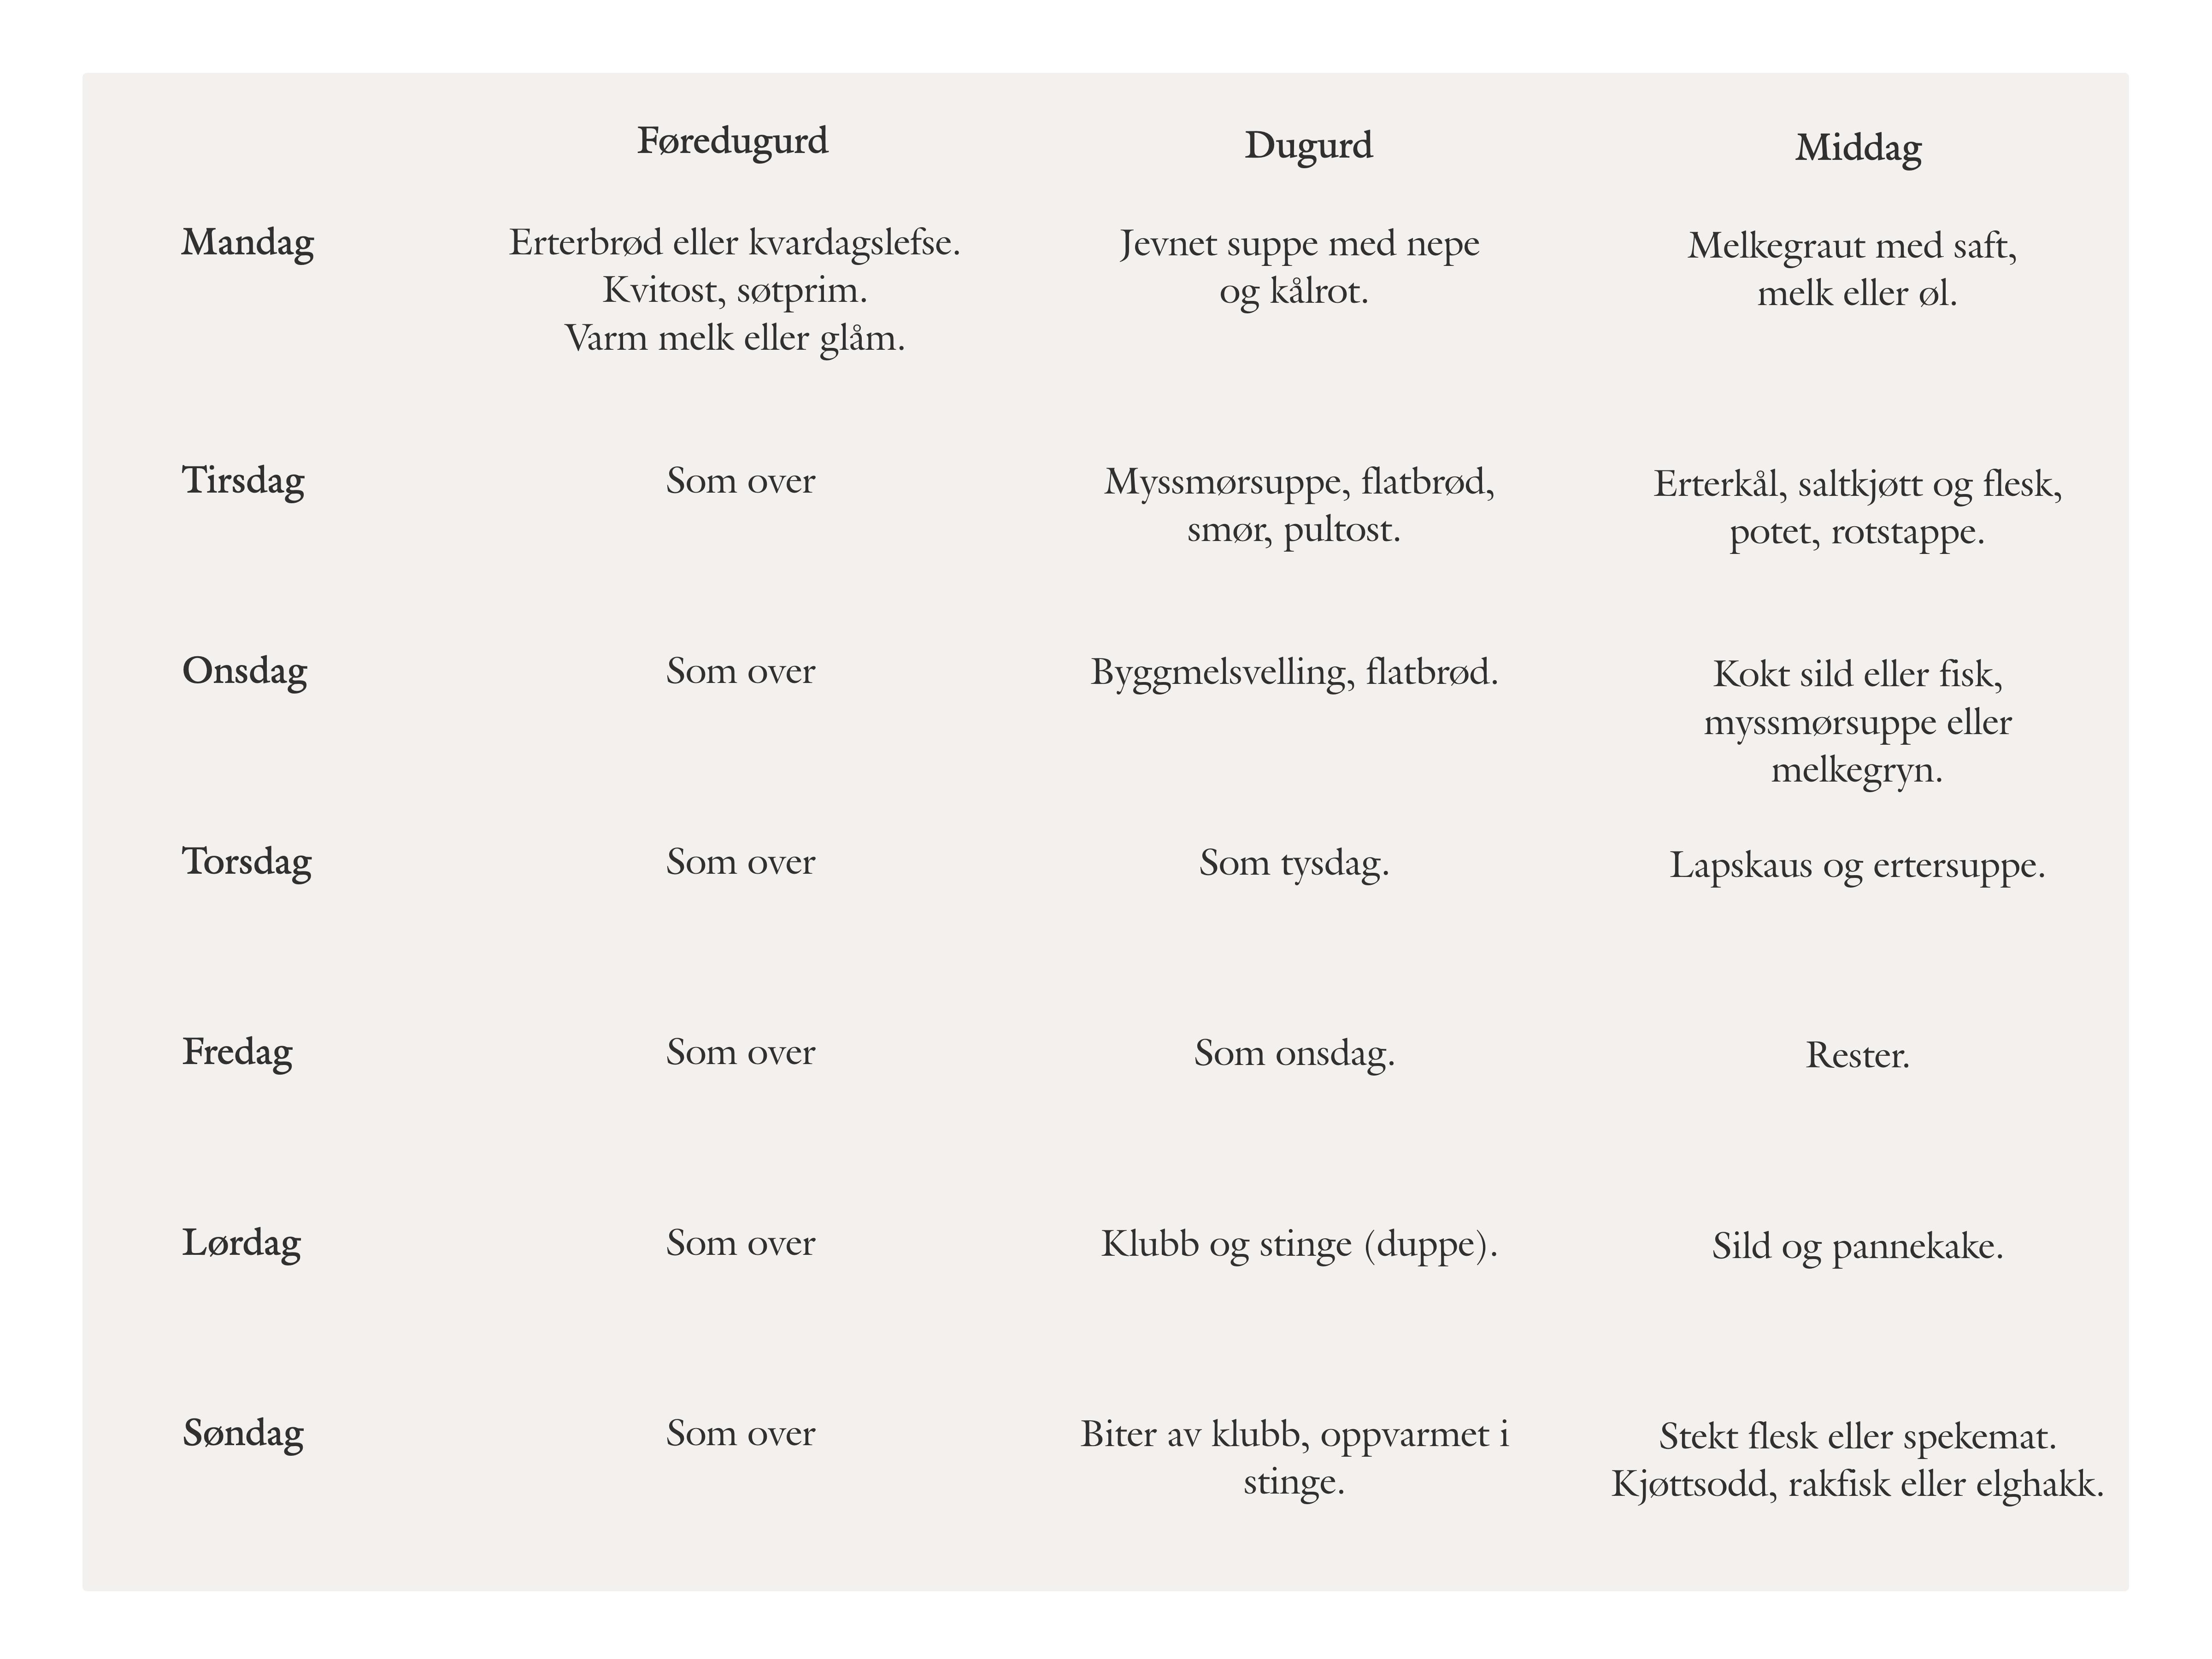 matliste fra stor-elvdal